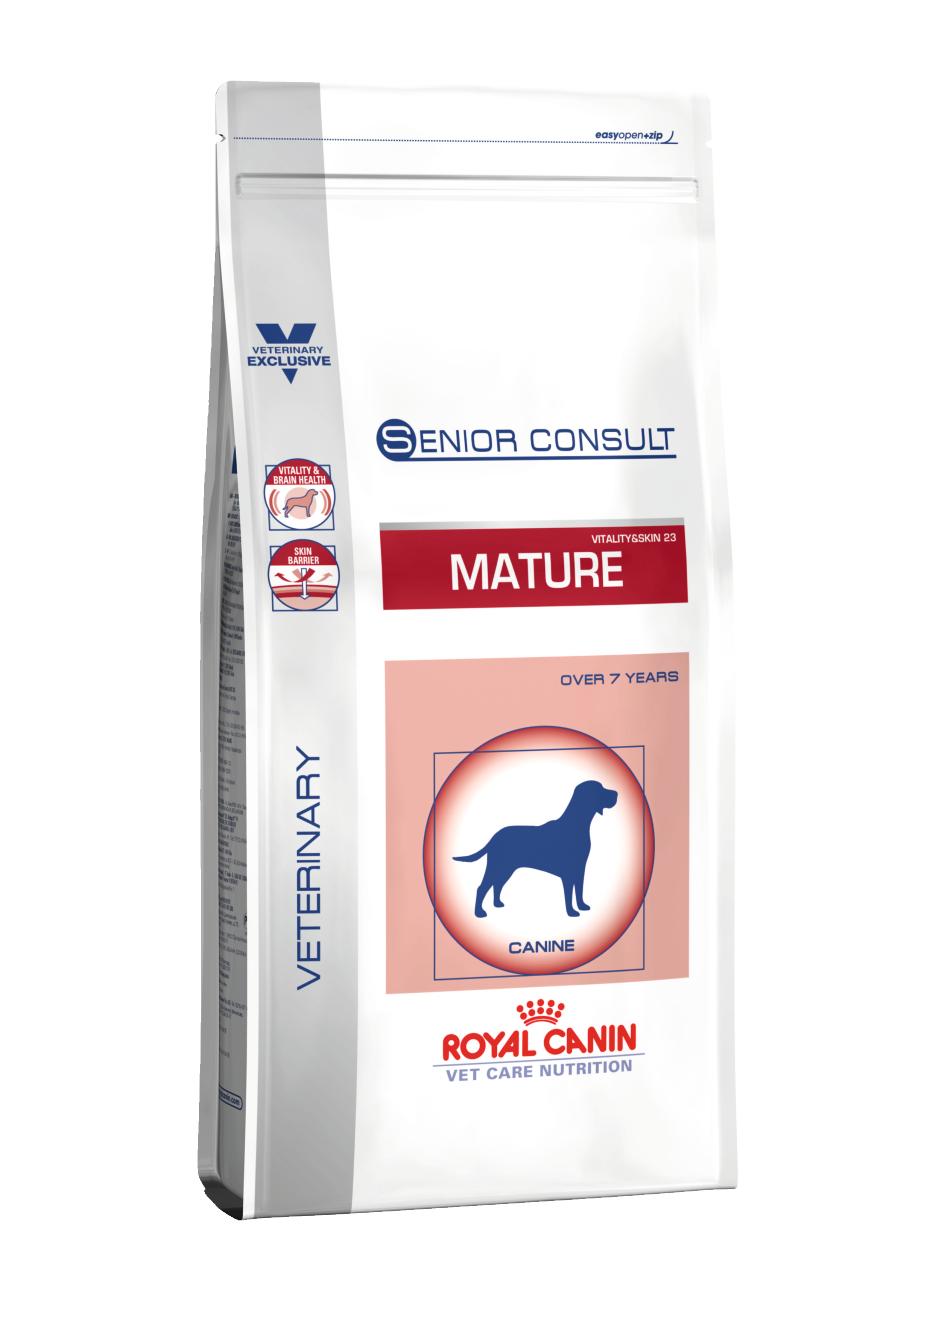 Senior Consult Mature Dog, 10kg